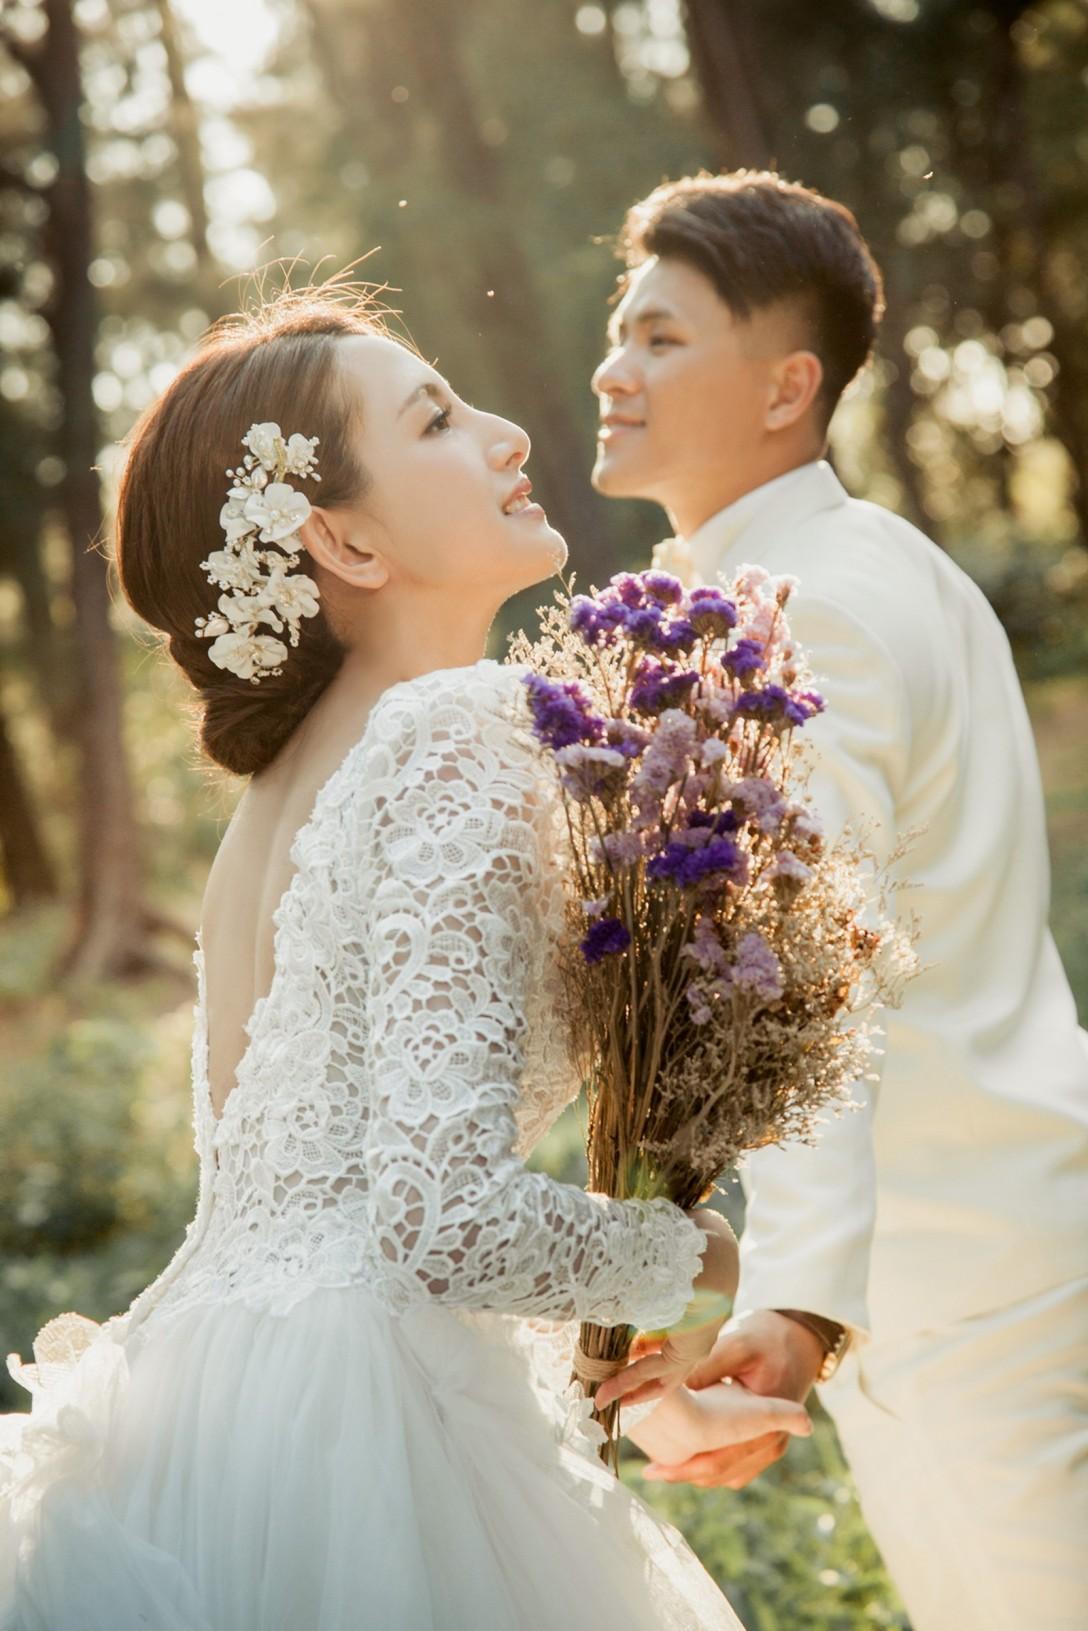 自助婚紗,自助婚紗推薦,自助婚紗風格,婚紗照,e7b693e585b8e99f93e9a2a818